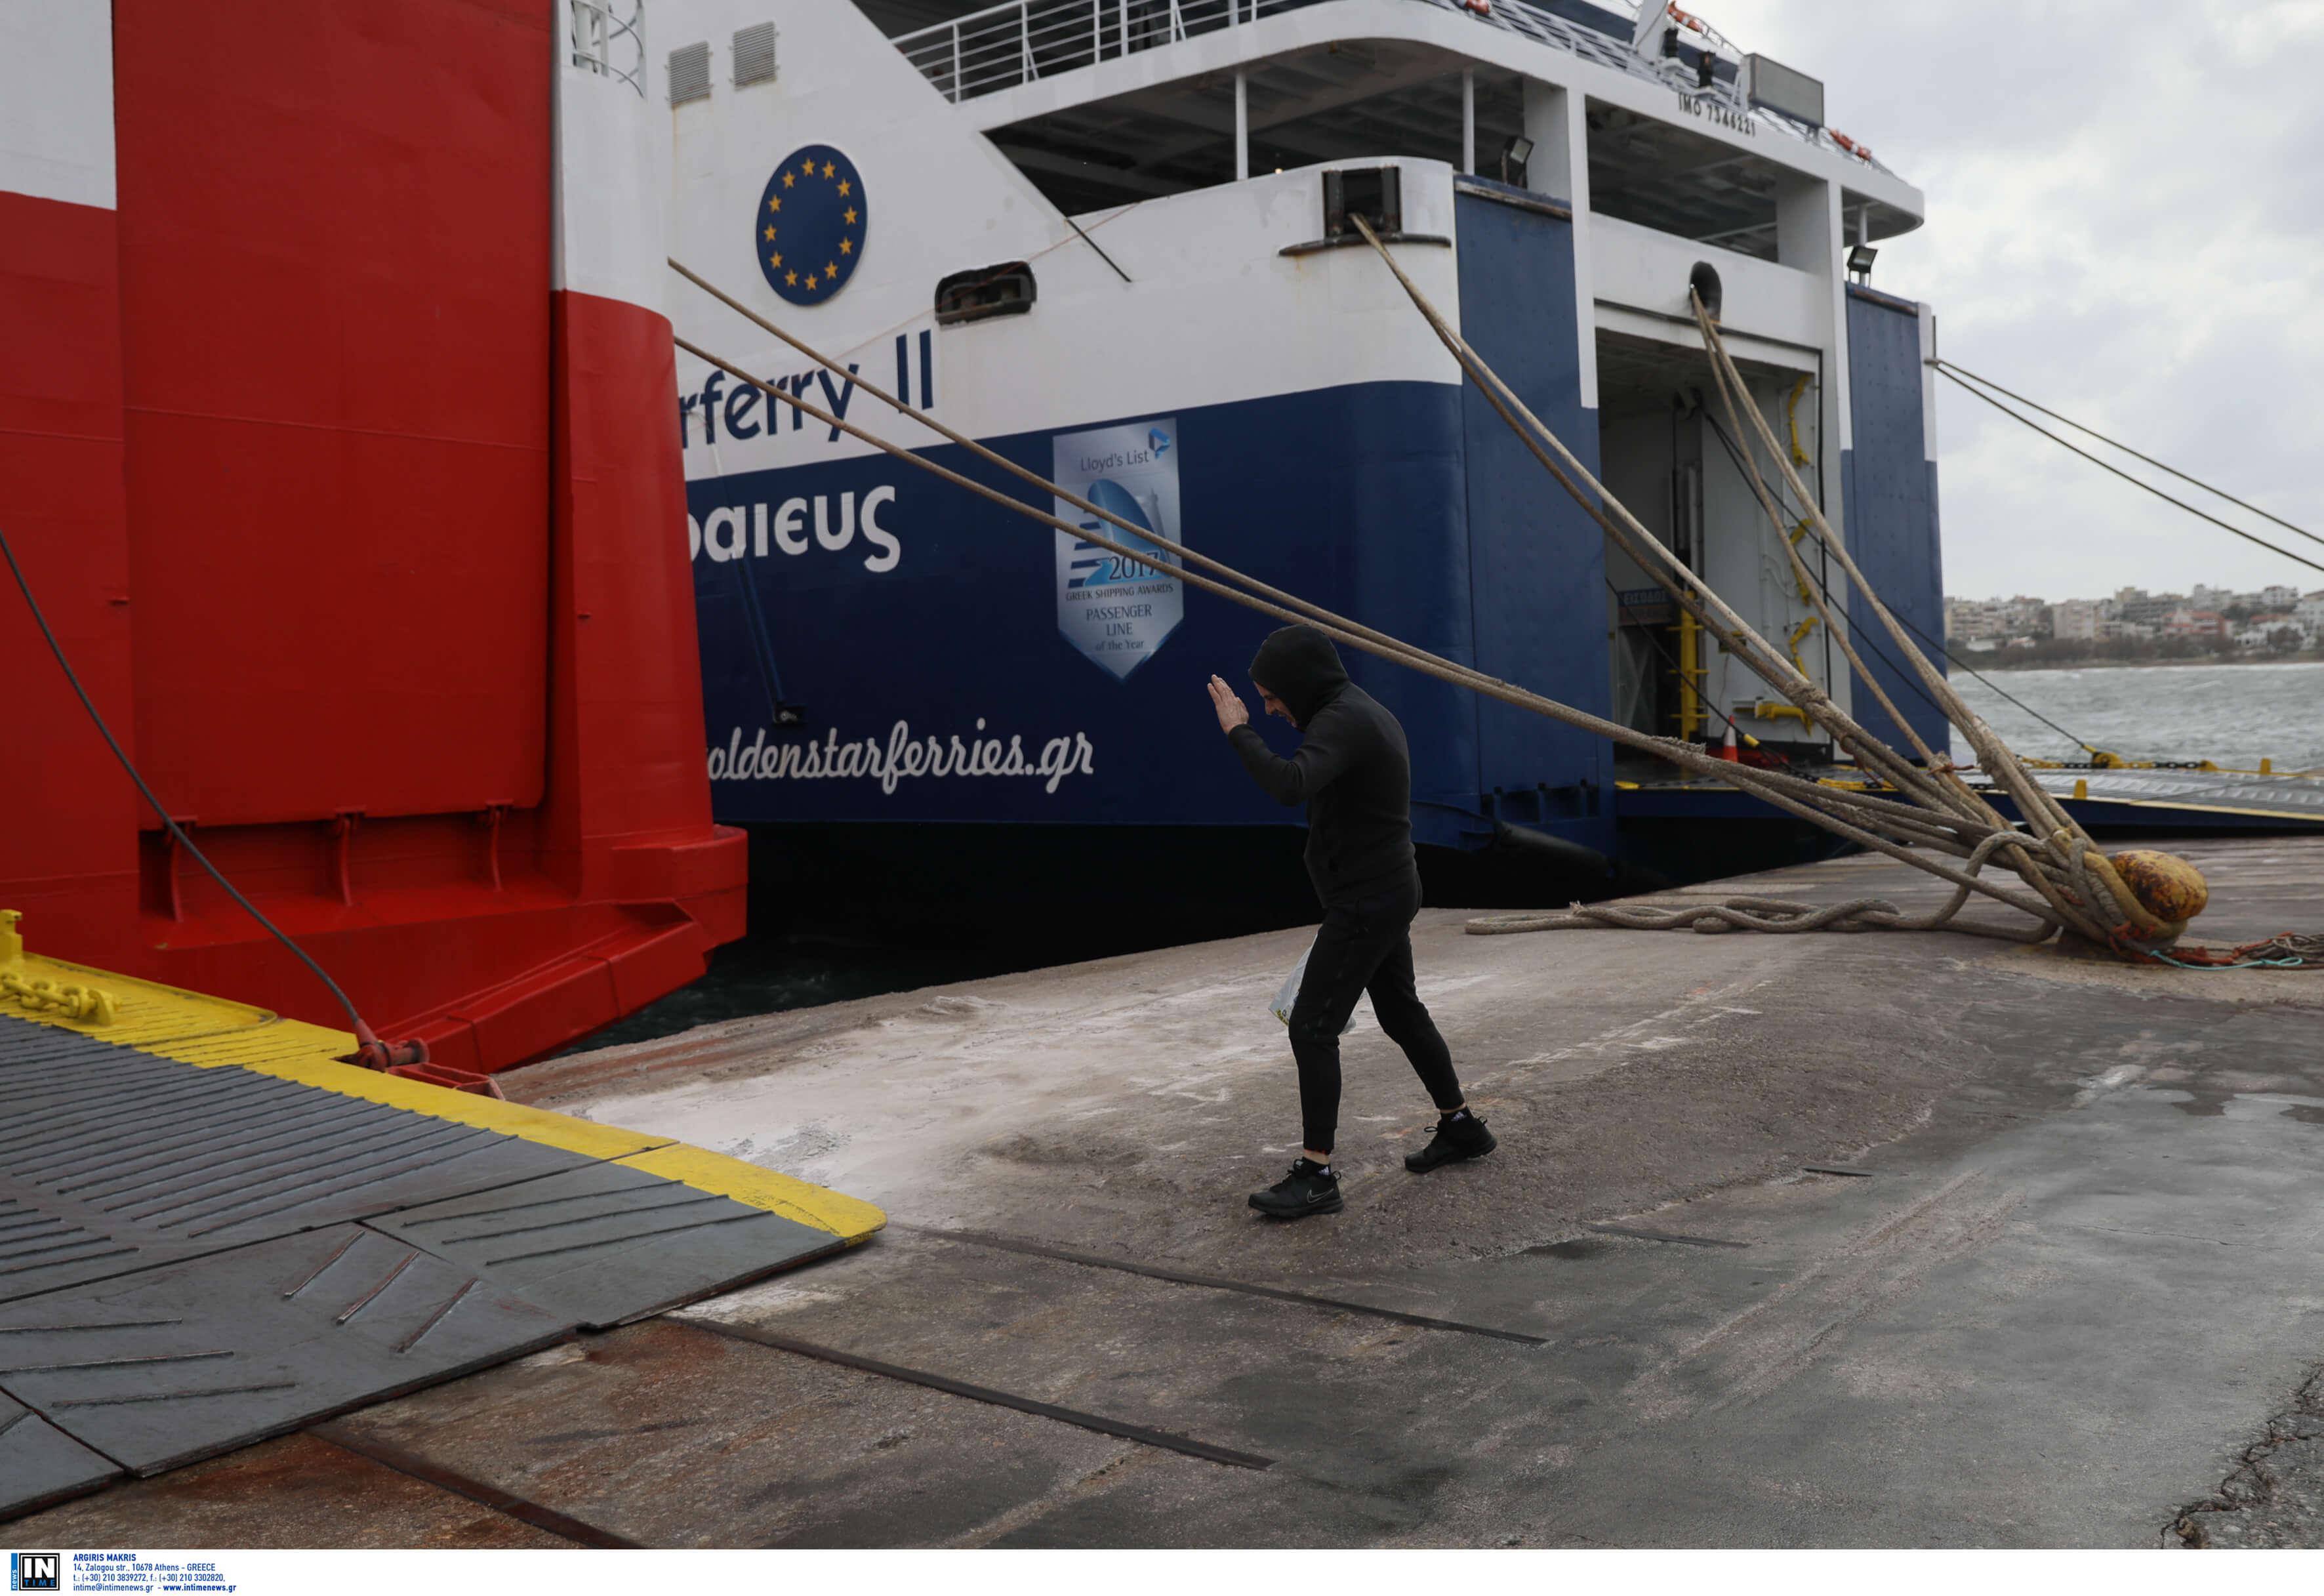 Προβλήματα σε λιμάνια και αεροδρόμια από τους θυελλώδεις ανέμους – Άρση απαγορευτικού από Πειραιά, Ραφήνα, Λαύριο